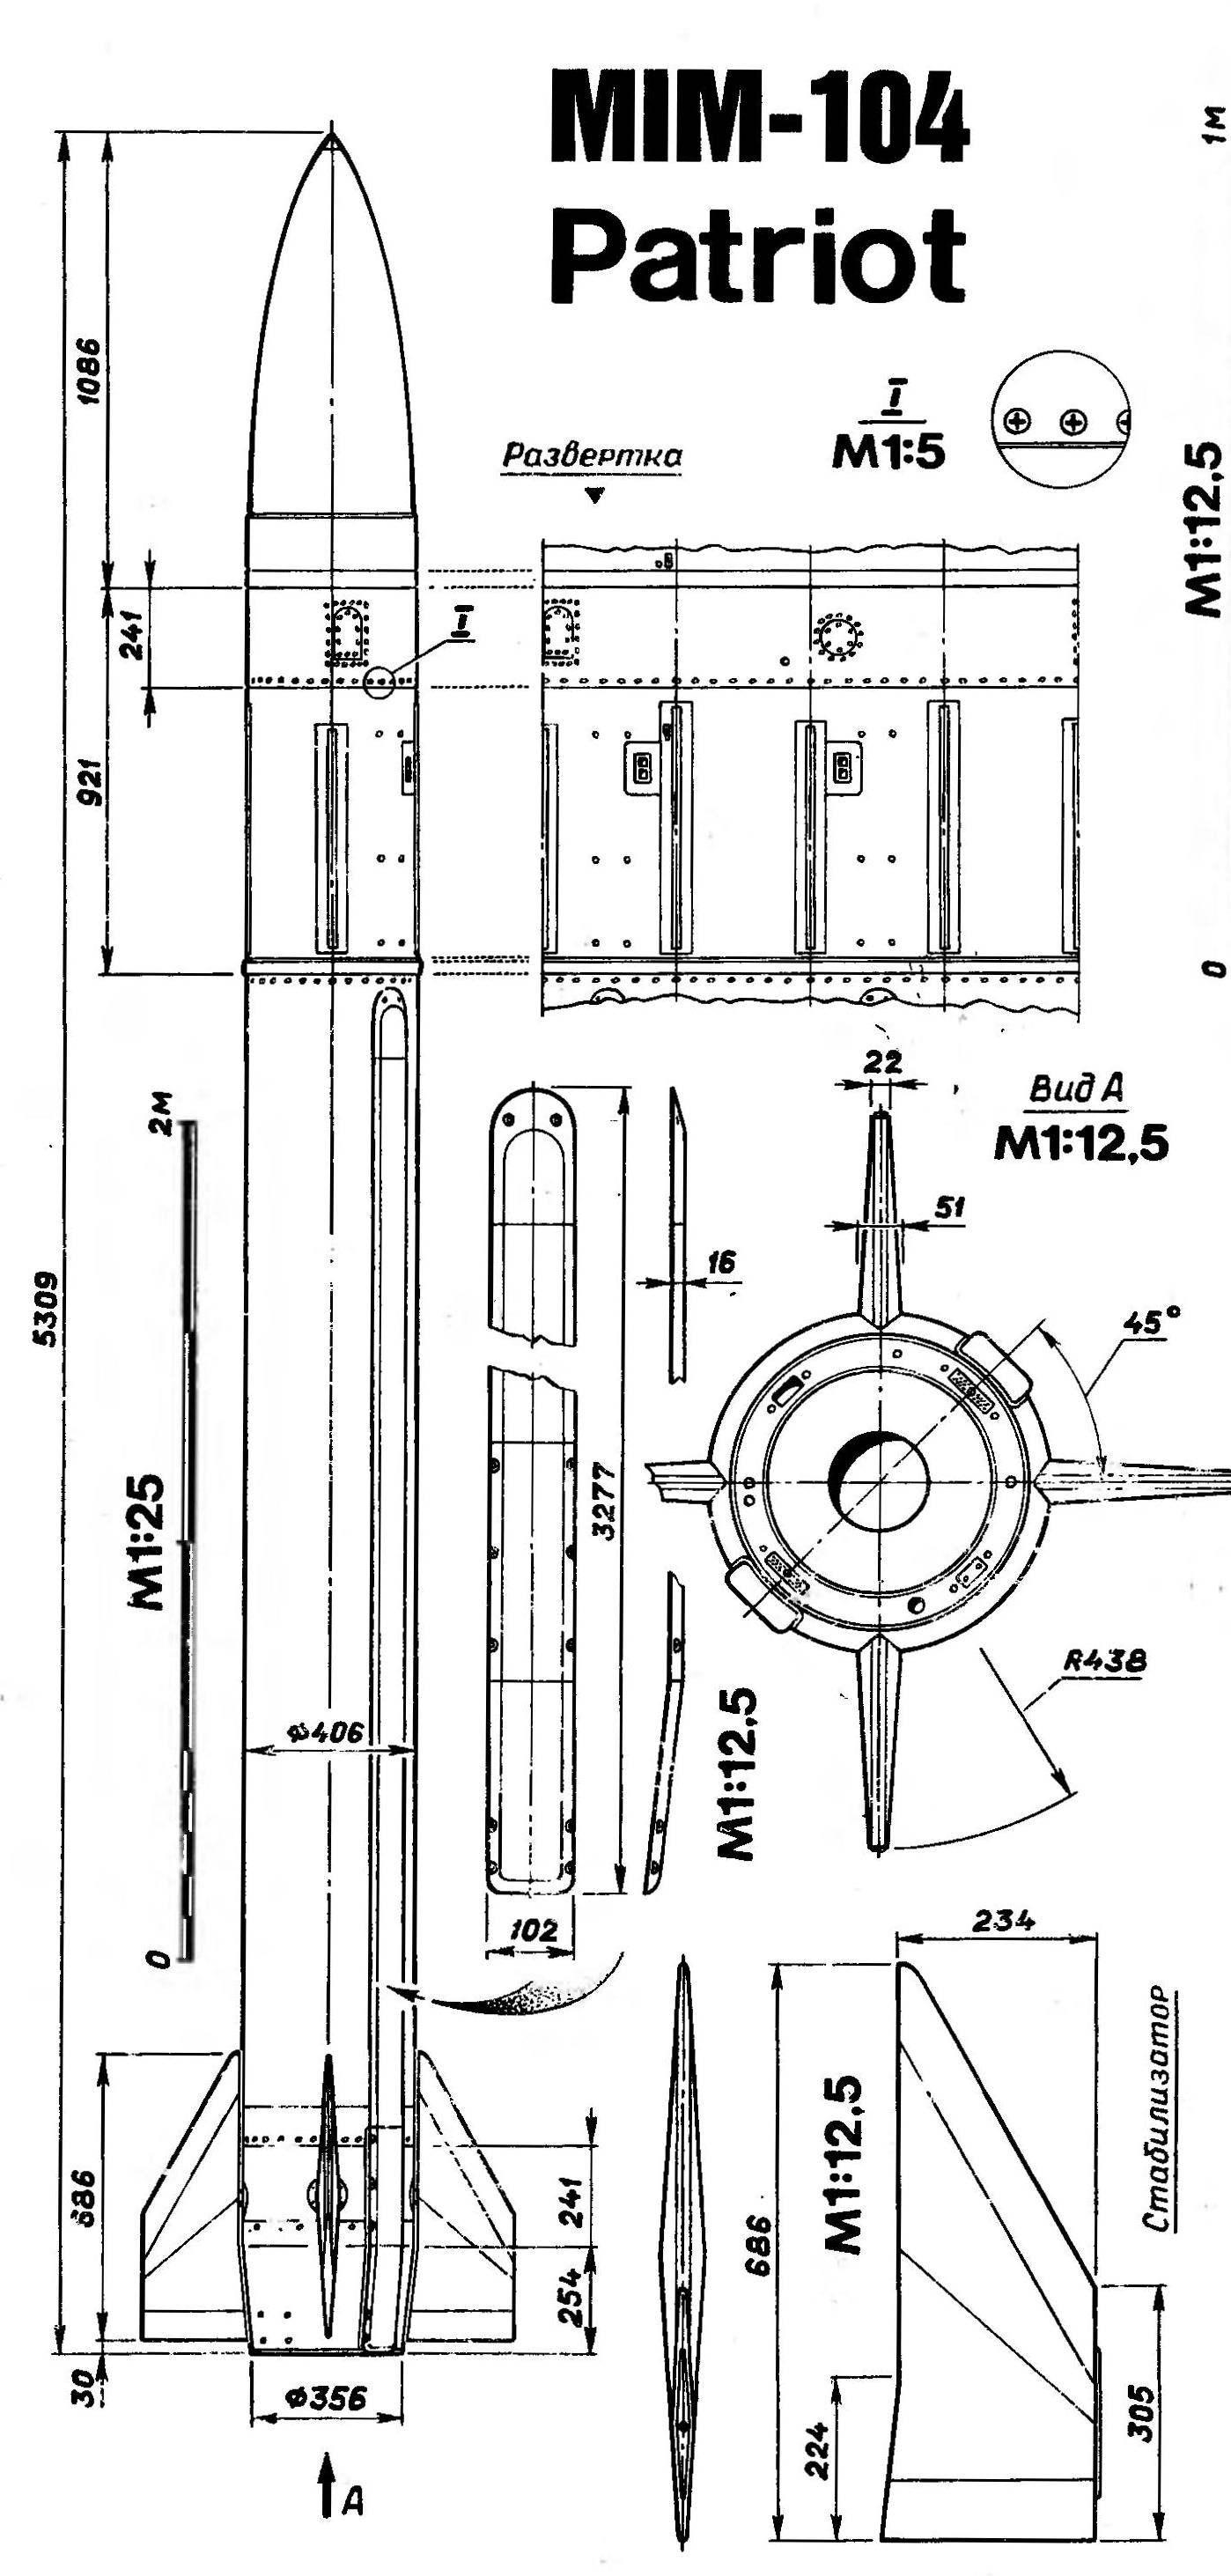 MIM-104 Ptriot